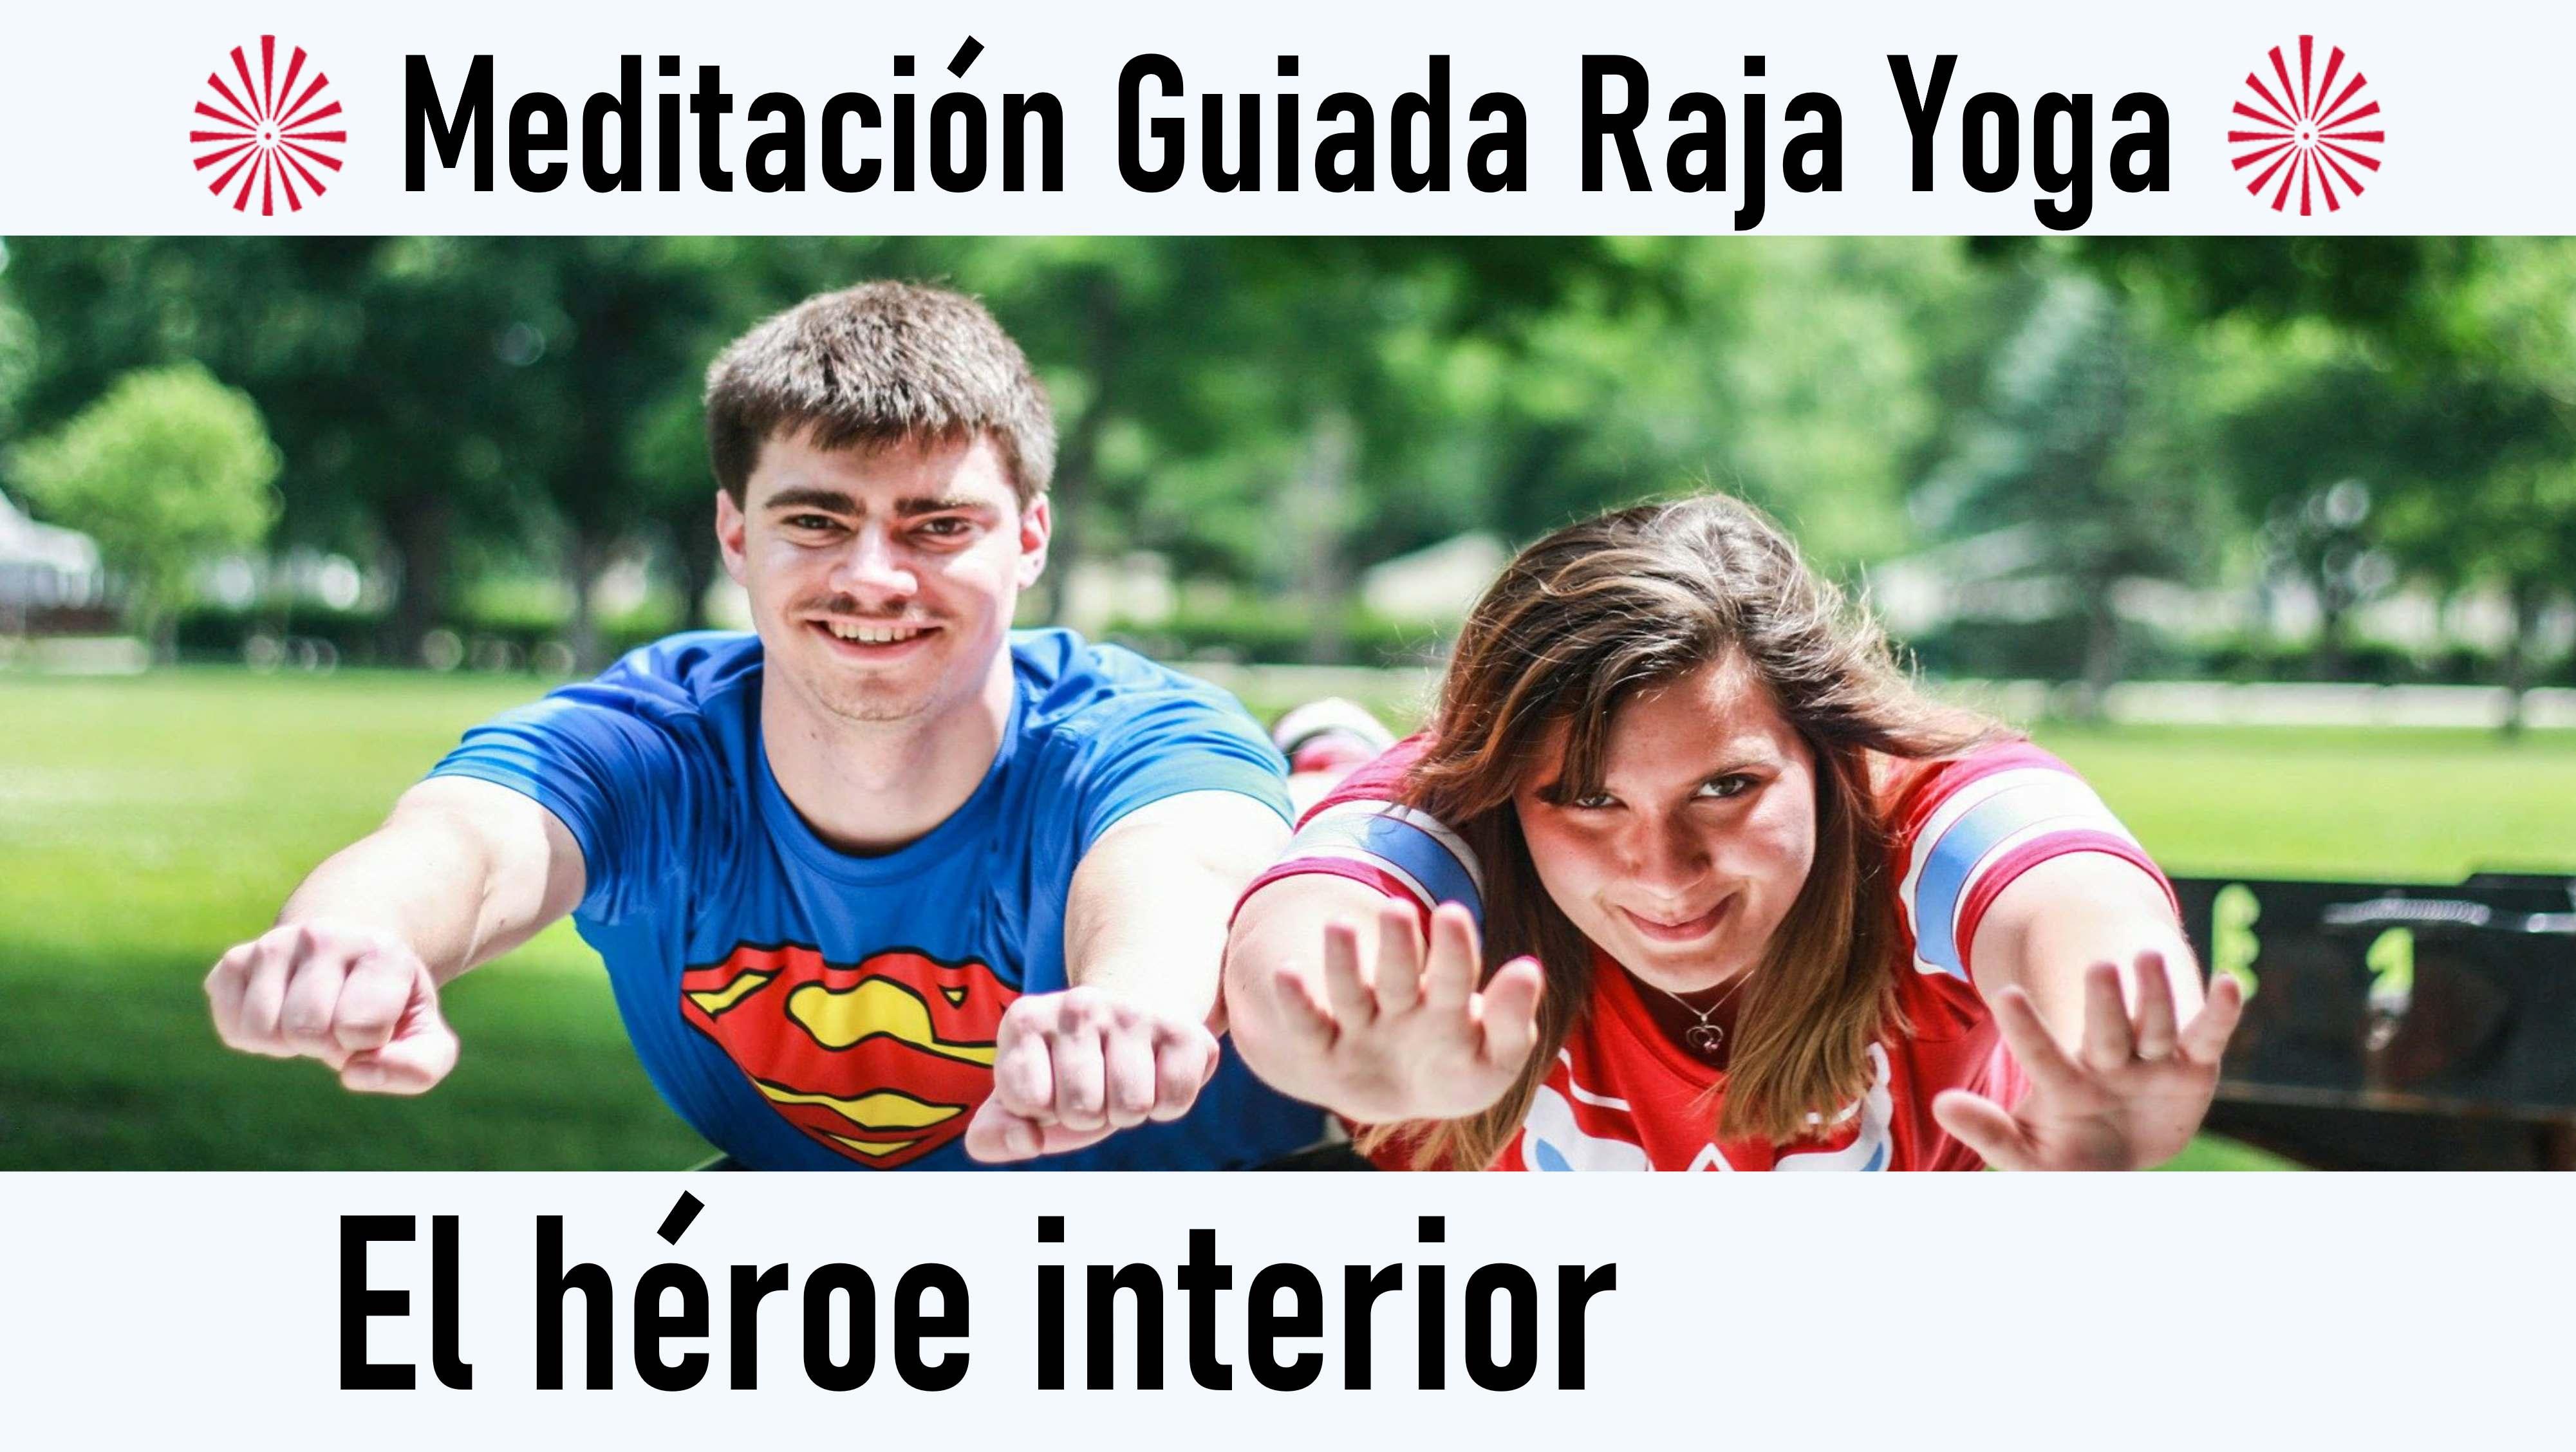 Meditación Raja Yoga: El héroe interior (21 Agosto 2020) On-line desde Madrid